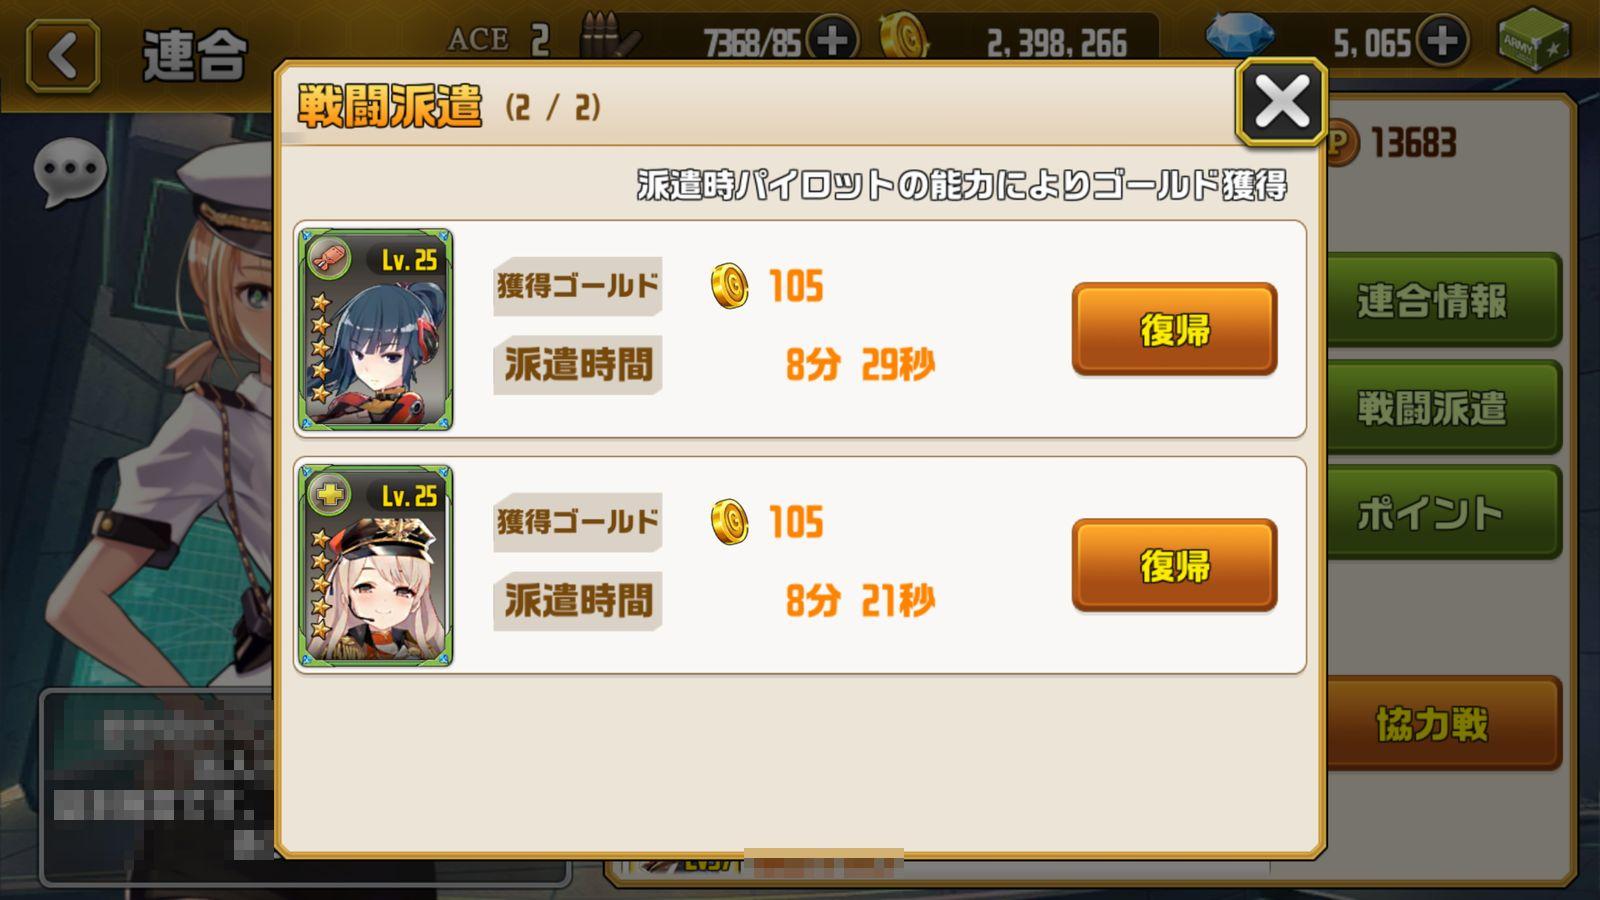 メガキス【攻略】上級司令官へのステップ4:連合に所属してみよう!